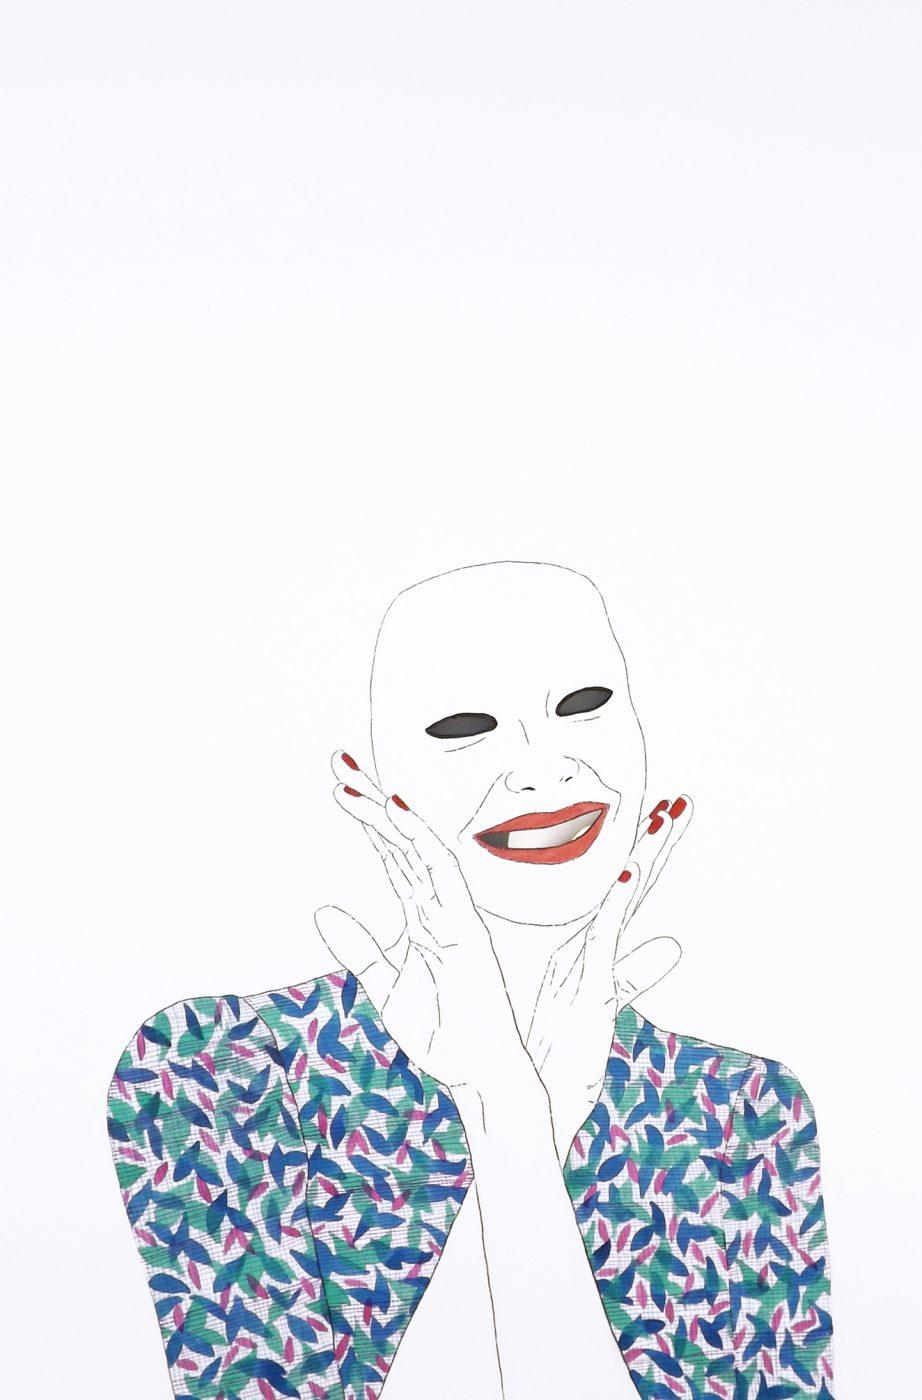 Mascarada, 50x32,5cms, Técnica mixta sobre papel, 2016.